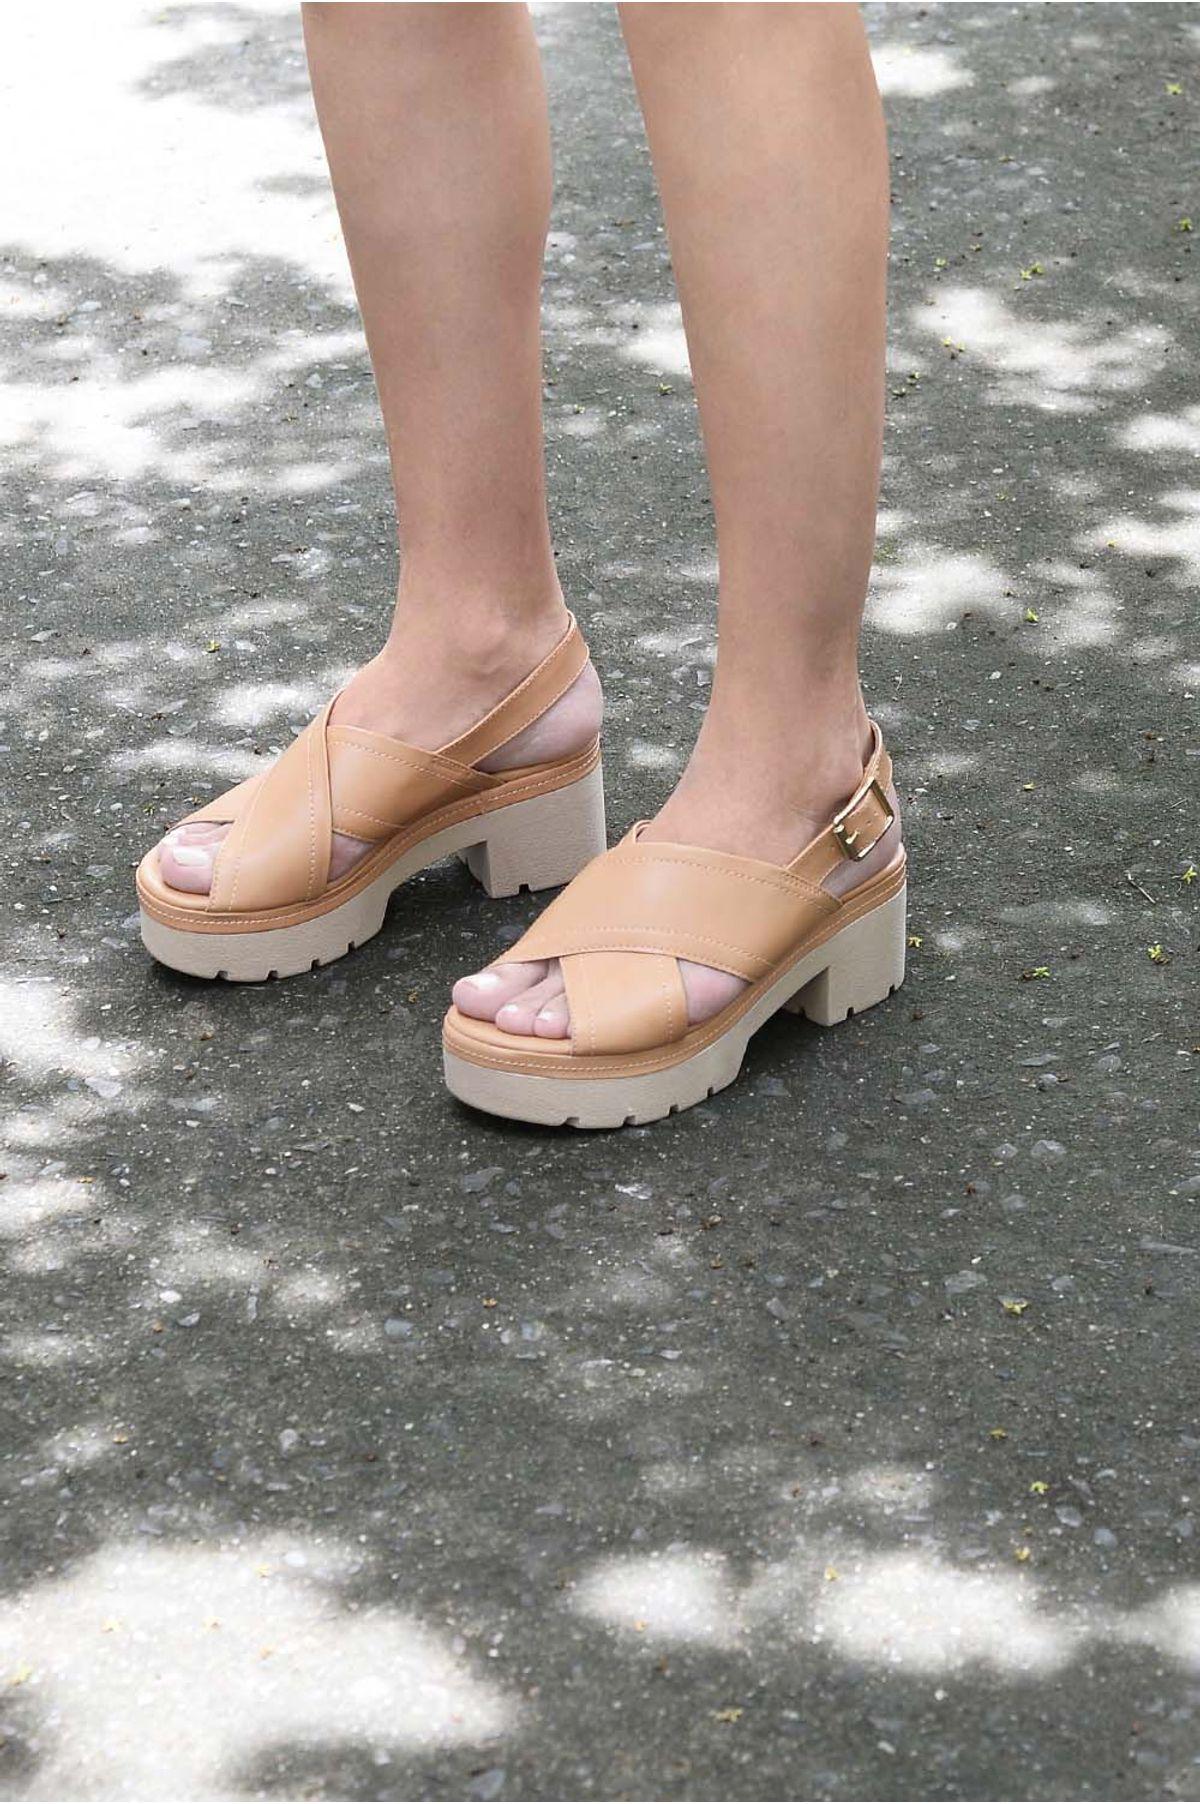 2e9014aff99fc Sandália Feminina Salto Alto Mosy Ramarim SINT - TAN - Mundial Calçados